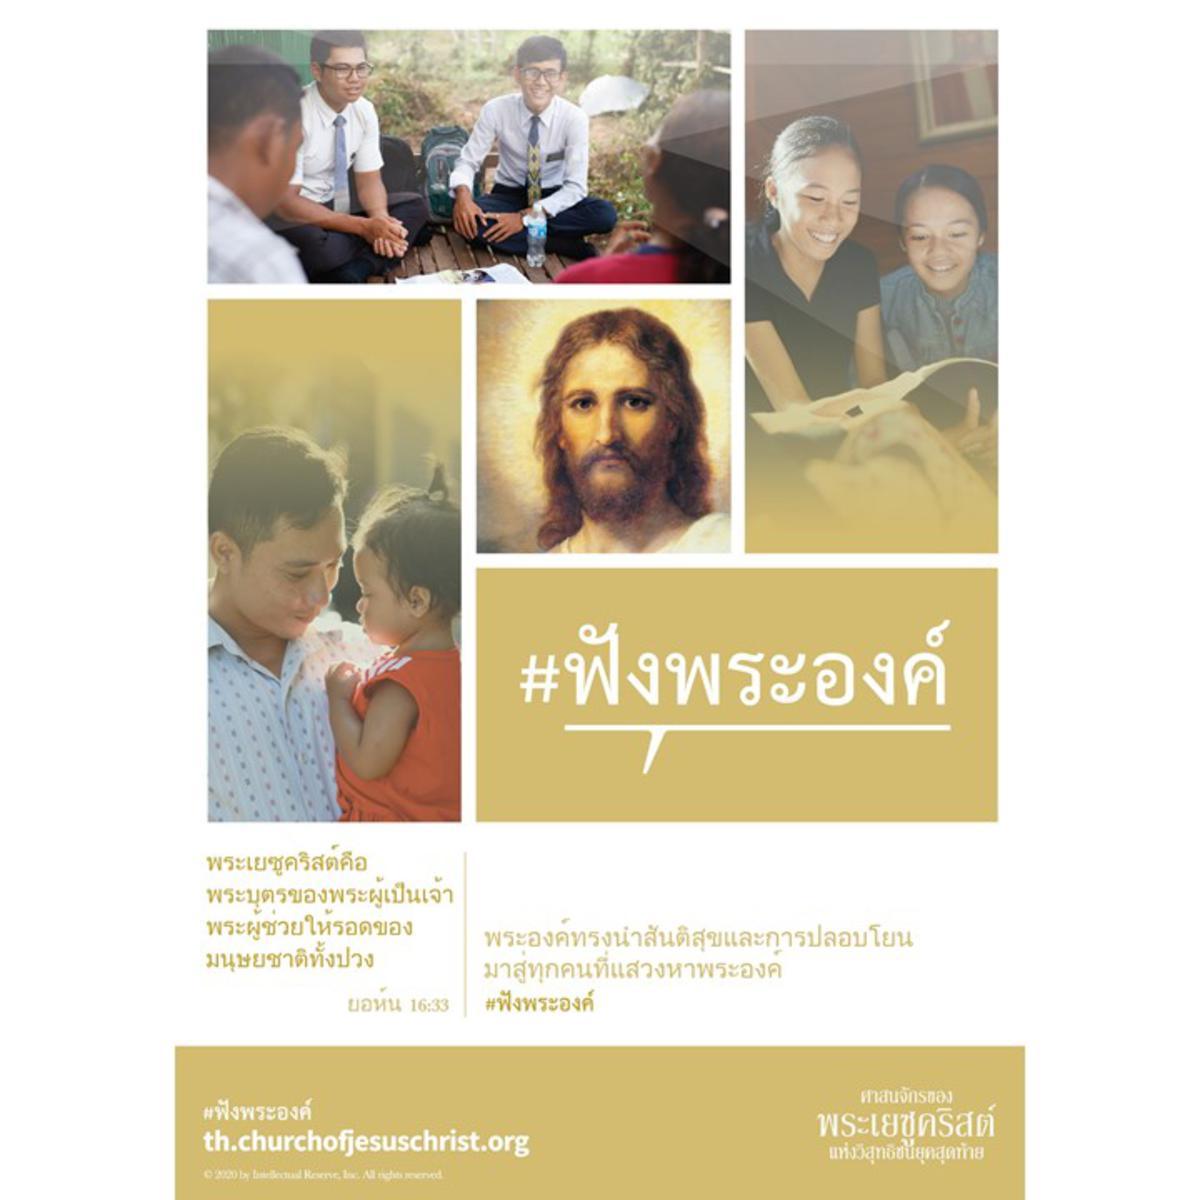 พระเยซูคริสต์คือพระบุตรของพระผู้เป็นเจ้า พระผู้ช่วยให้รอดของมนุษยชาติทั้งปวง